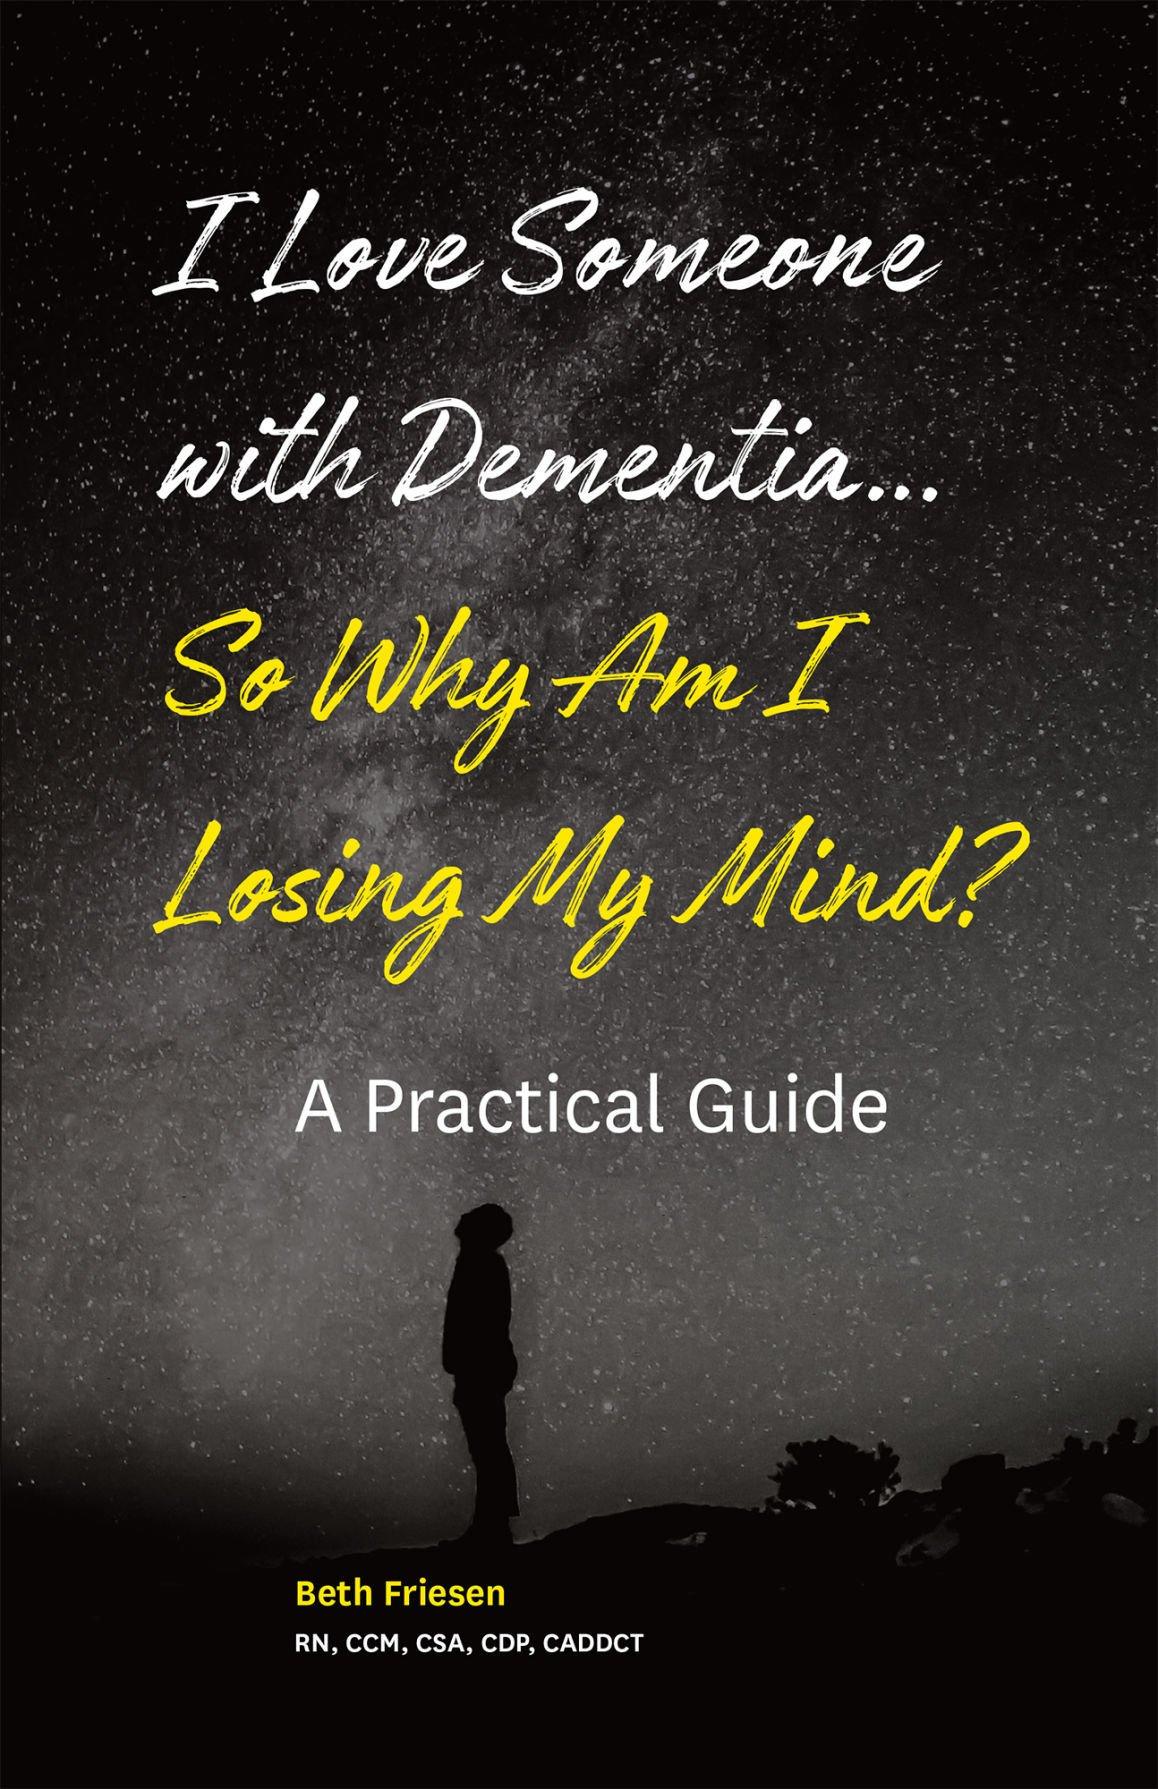 Beth Friesen's book